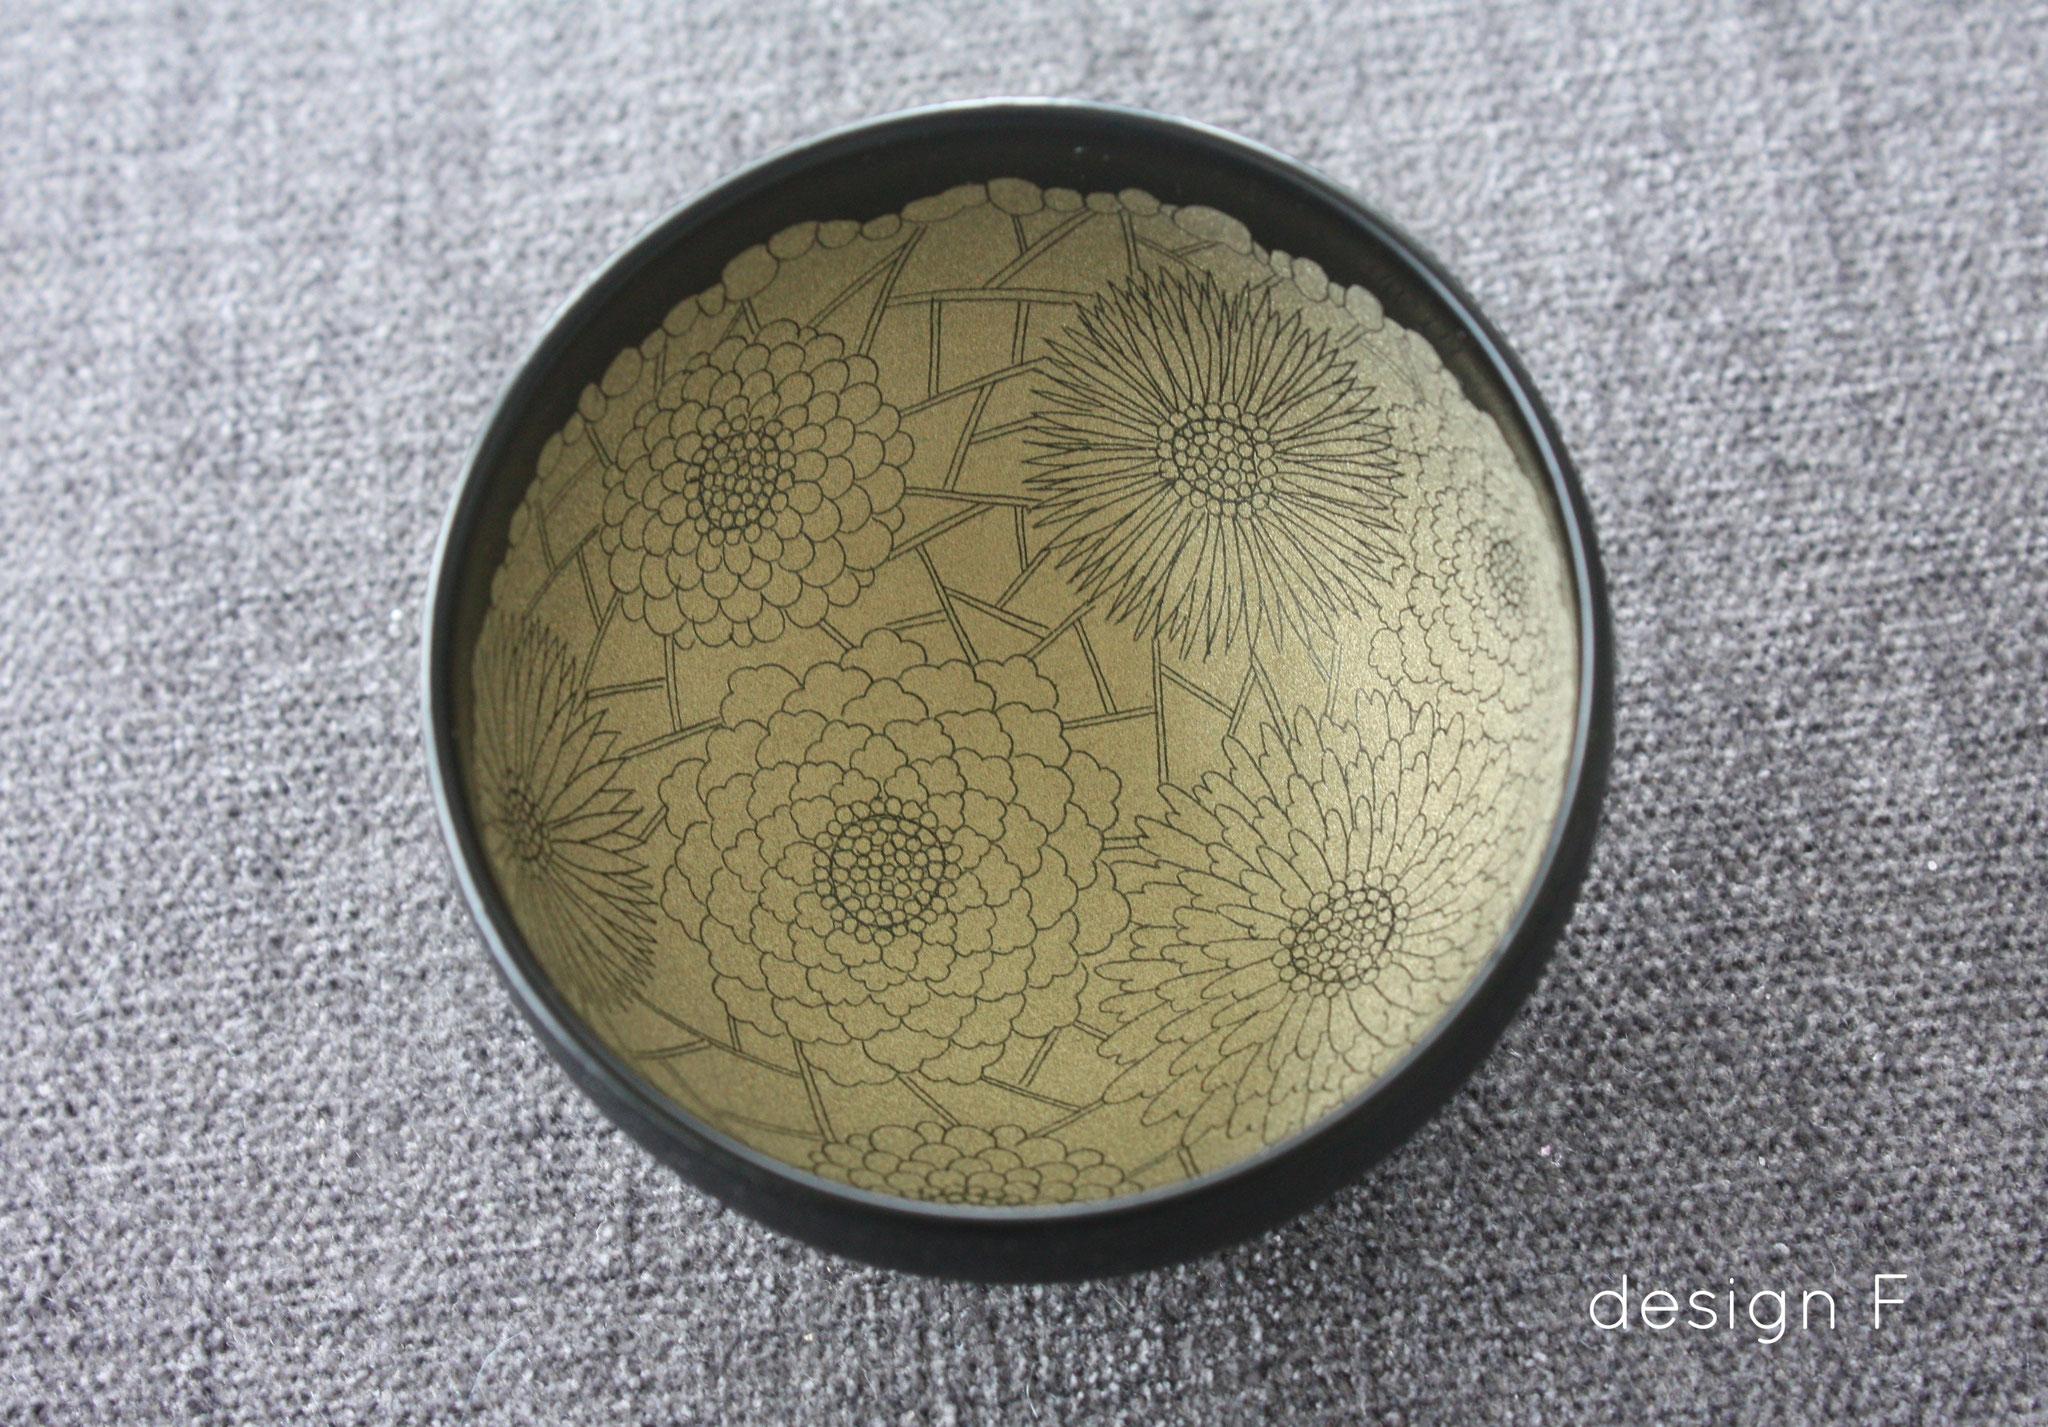 """Sake cup """"flower bud"""" design F"""